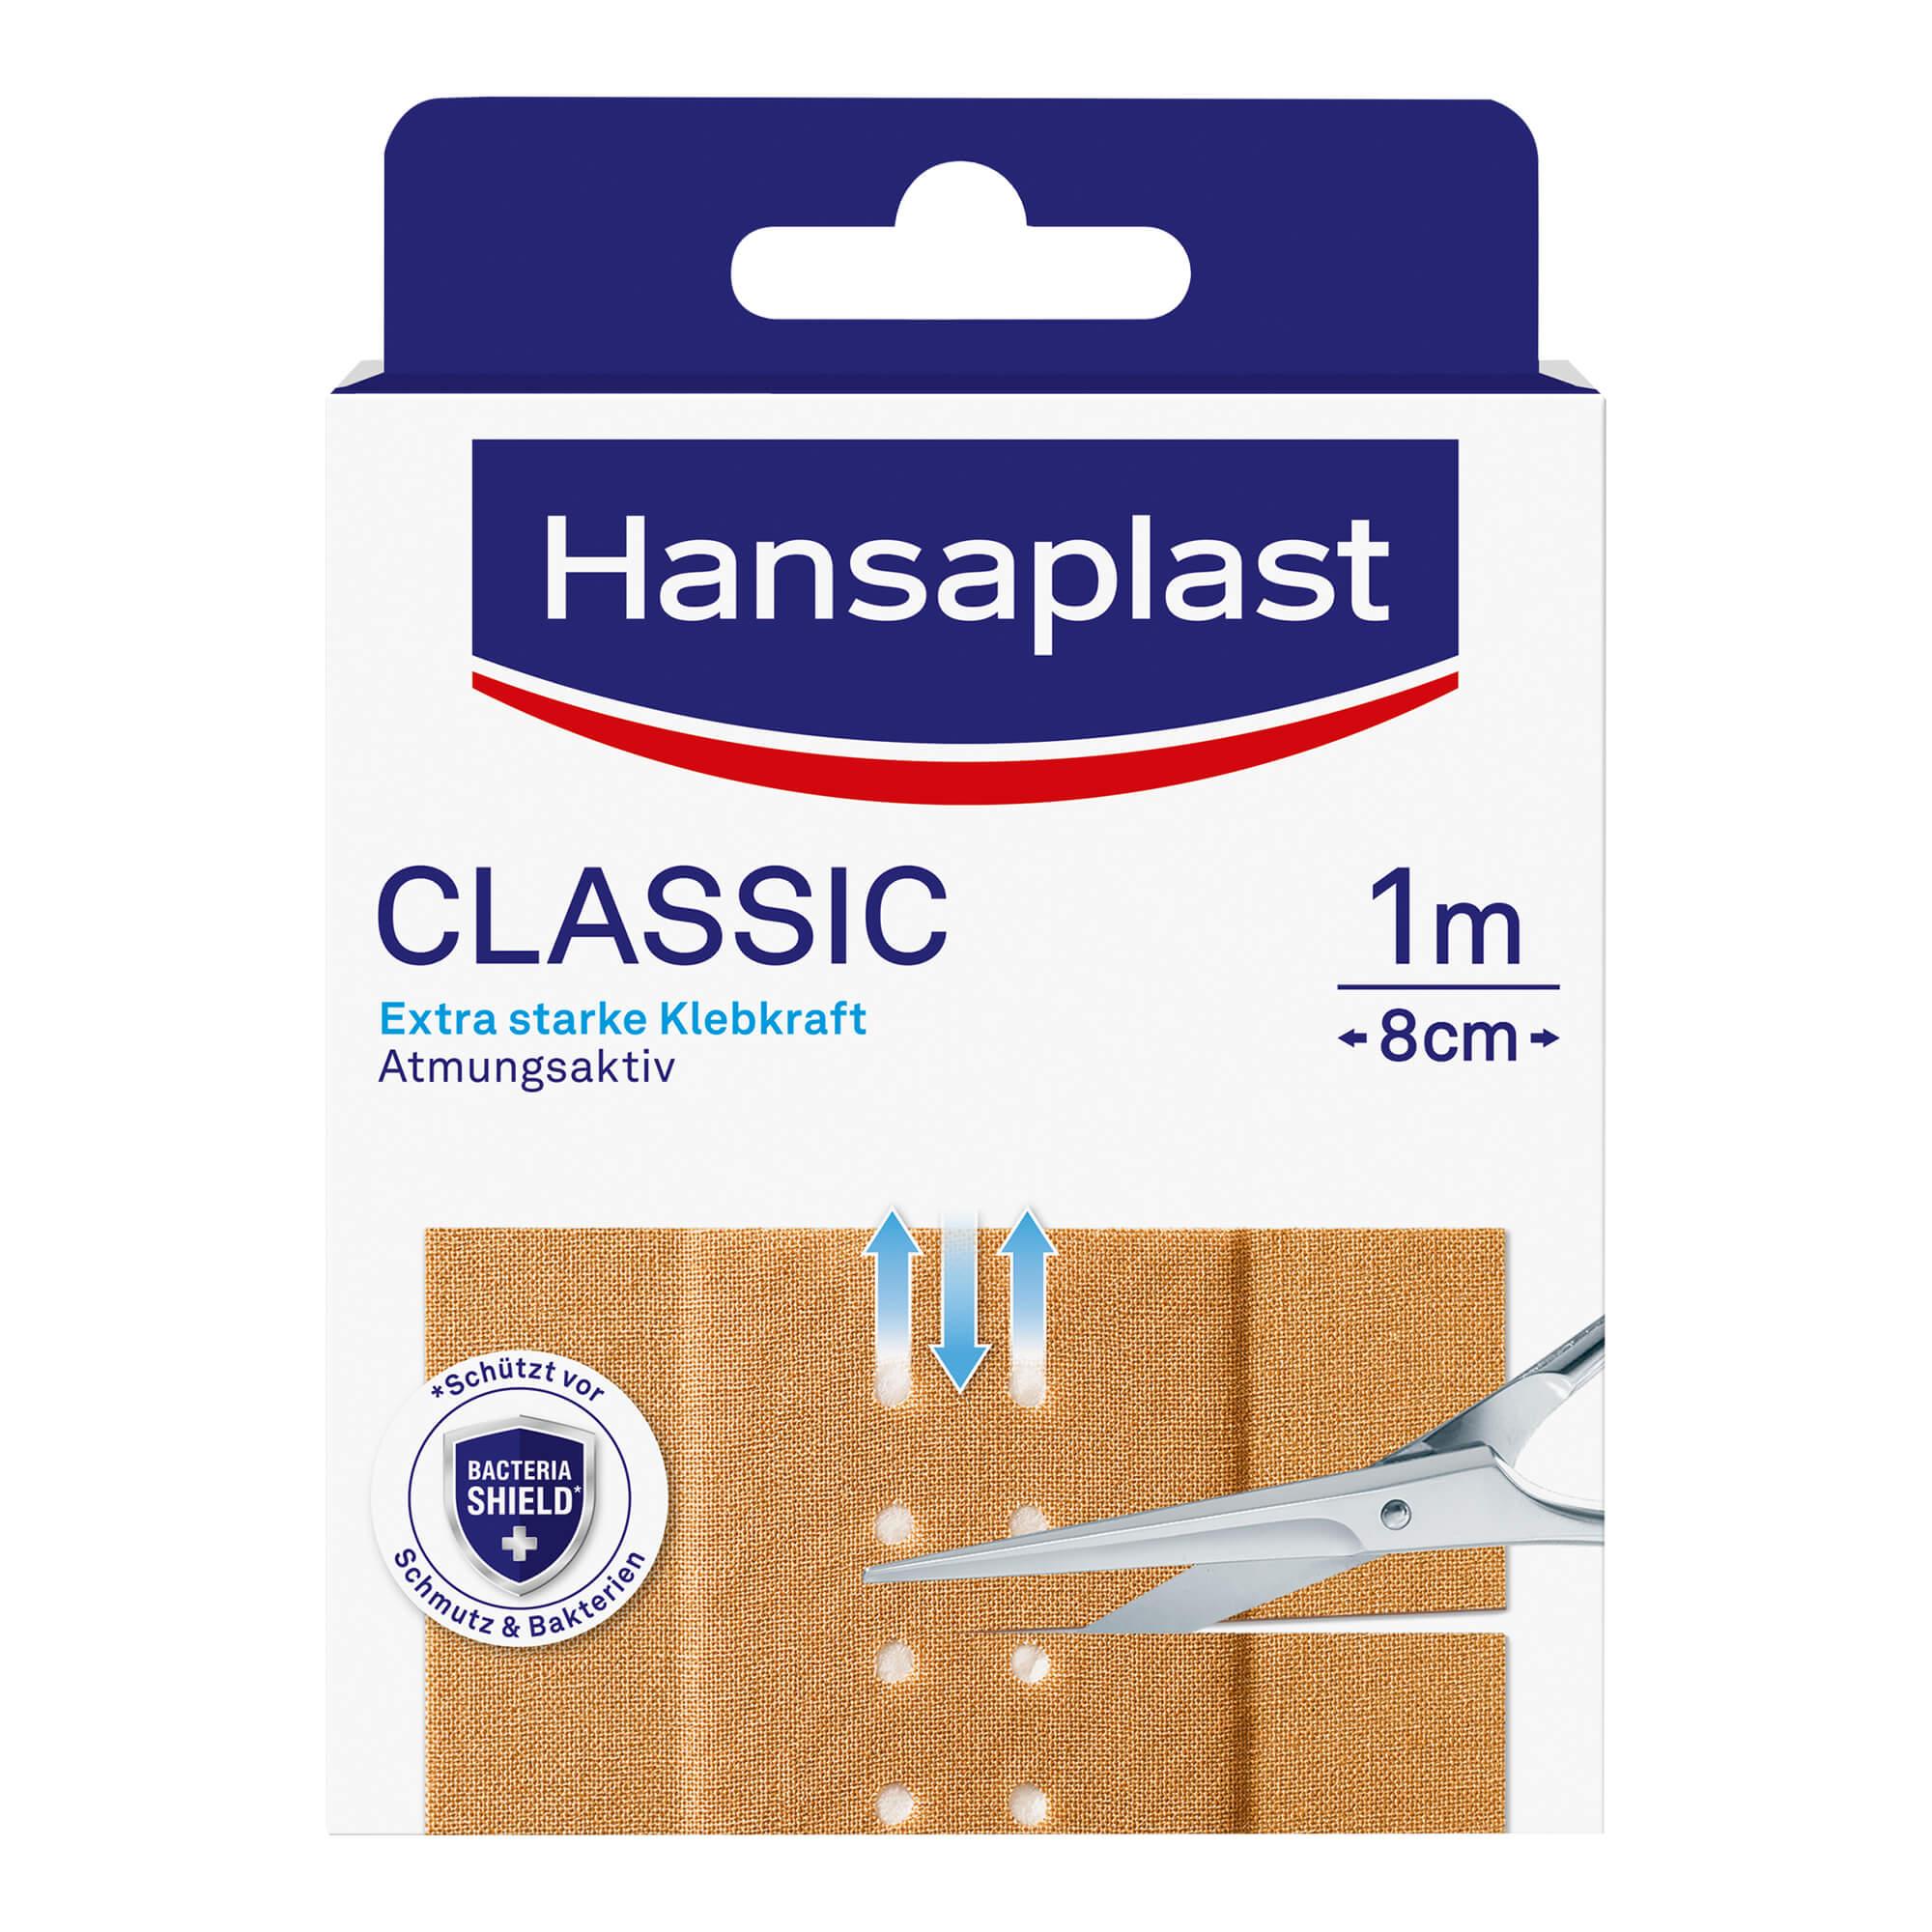 Hansaplast Classic Pflaster 1 m x 8 cm